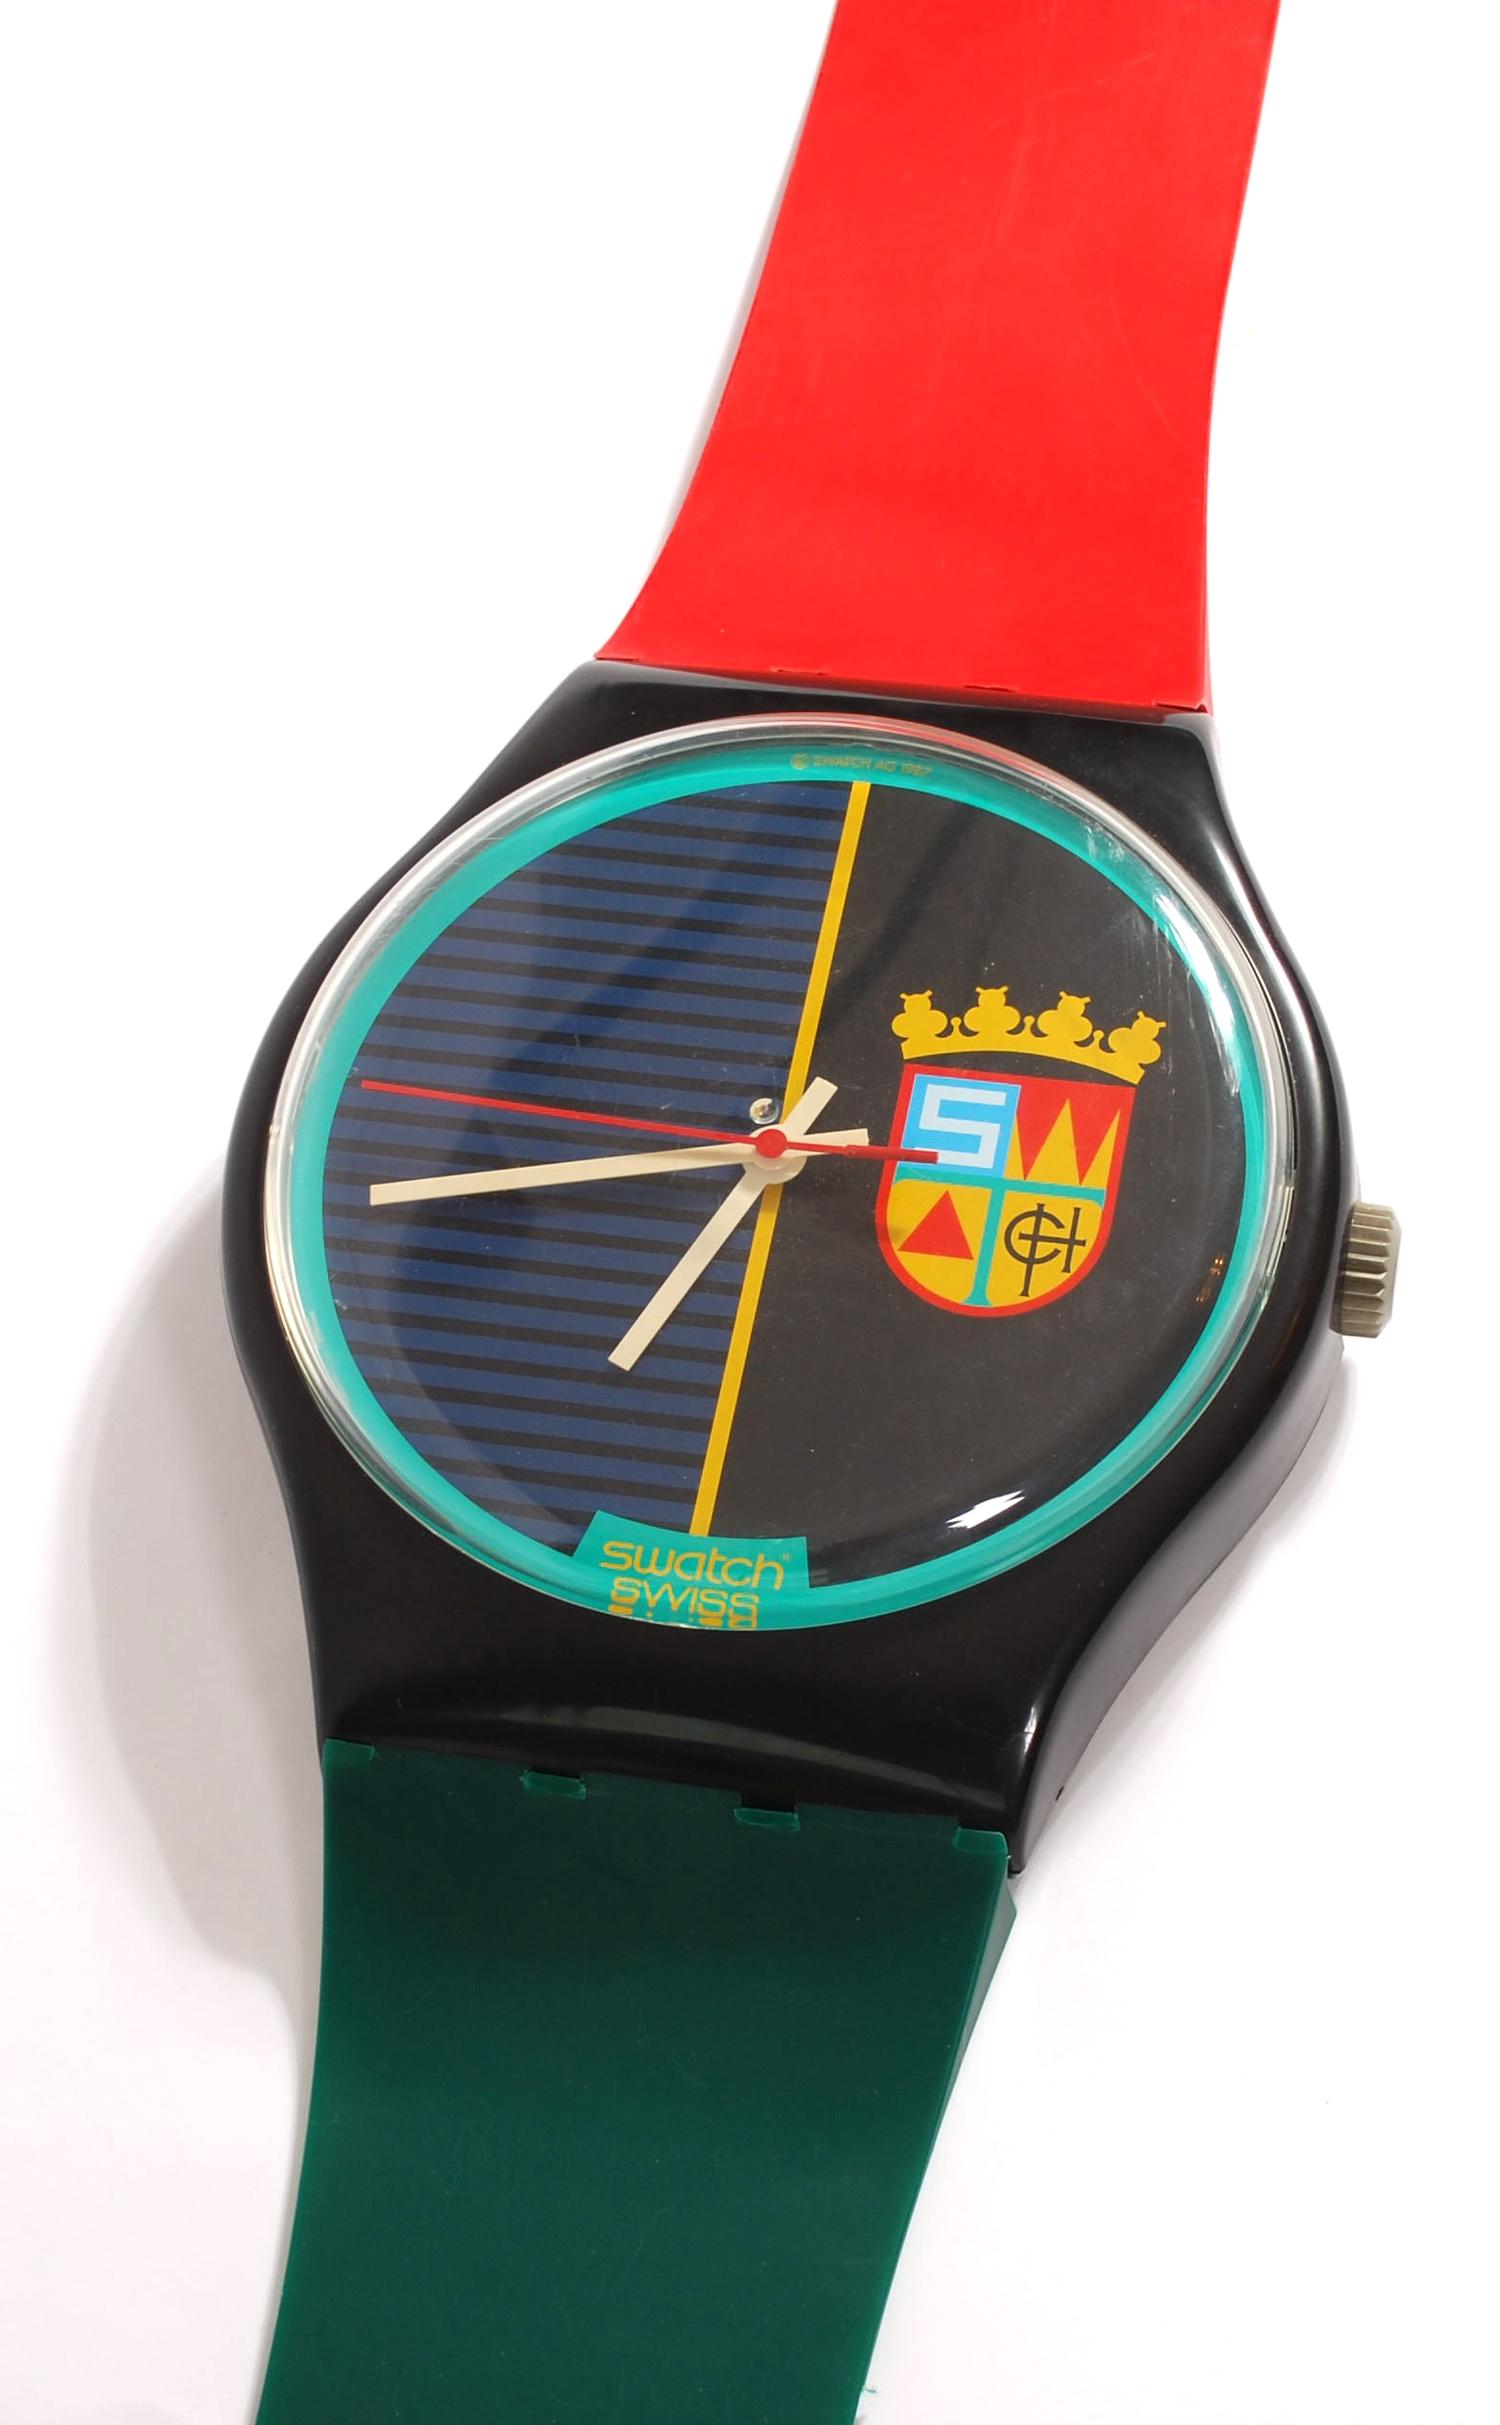 Maxi Swatch wall clock, 1987 'Sir Swatch' MGB111